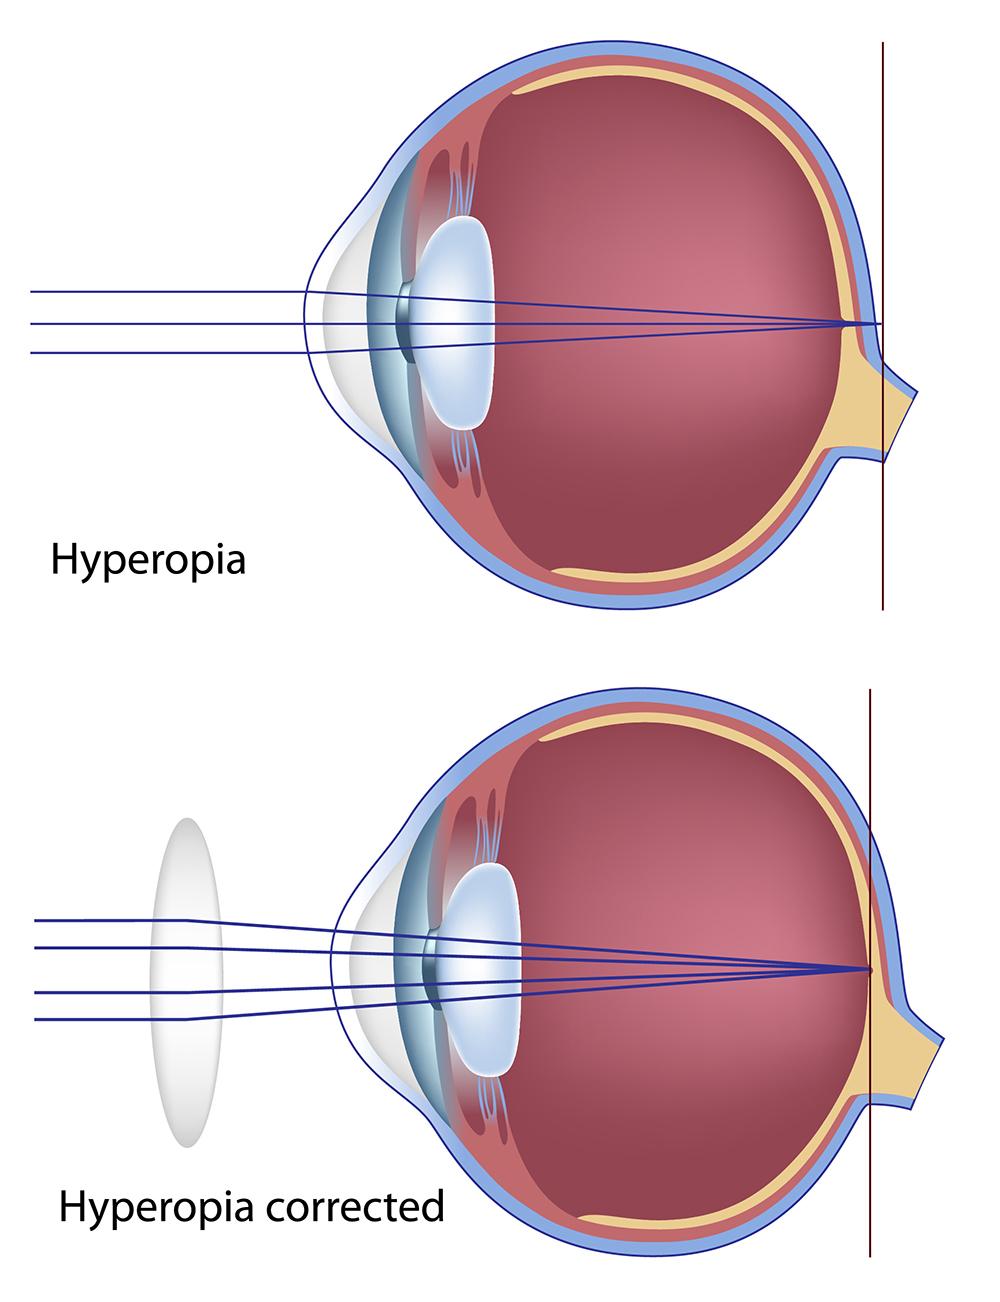 hyperopia farsightedness illustration